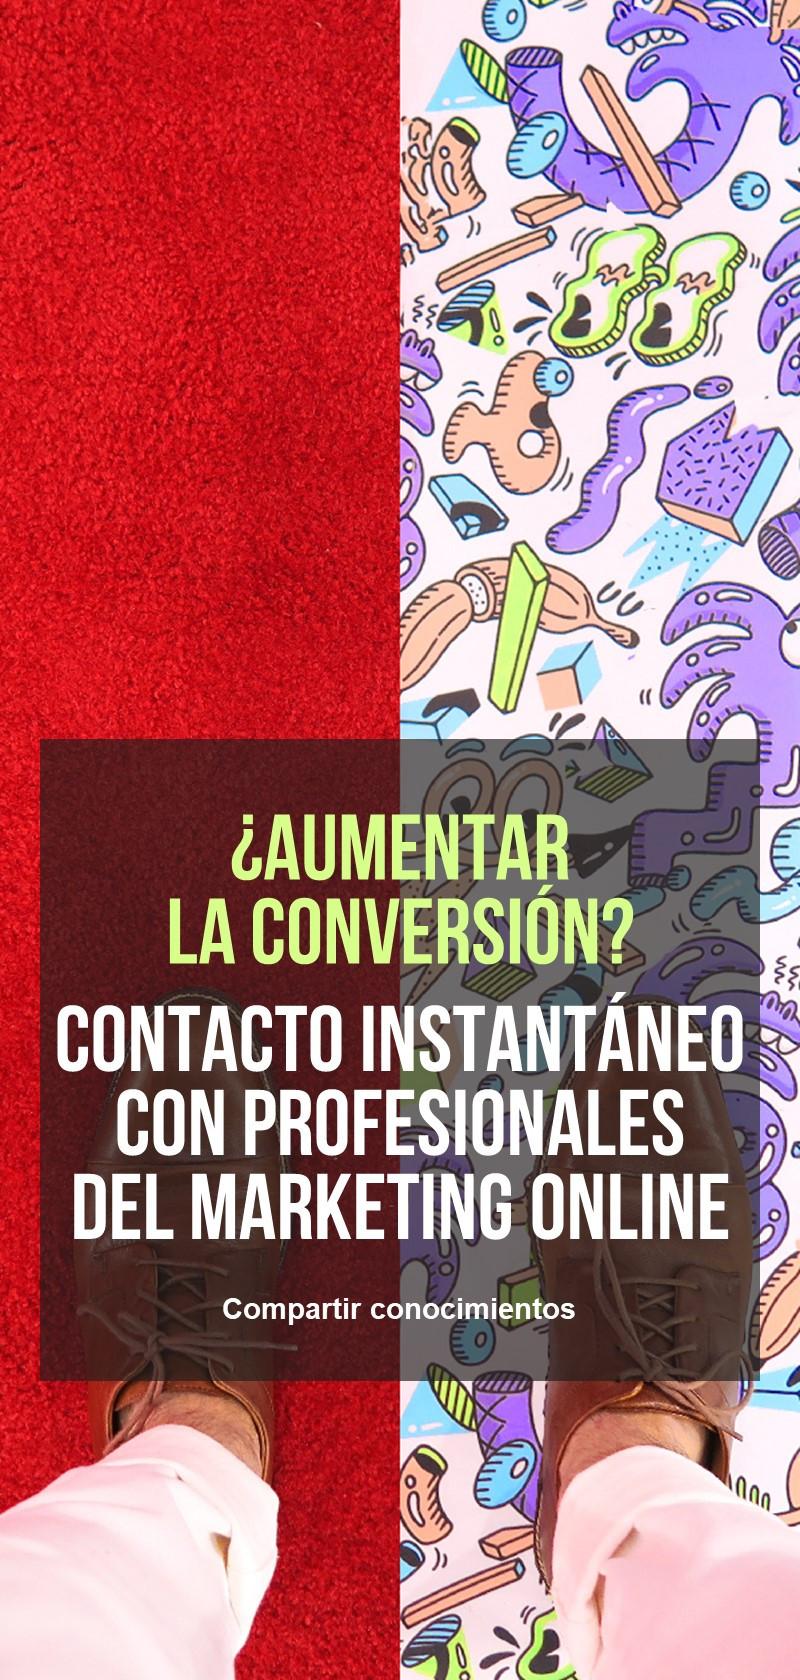 Profesionales del marketing en línea